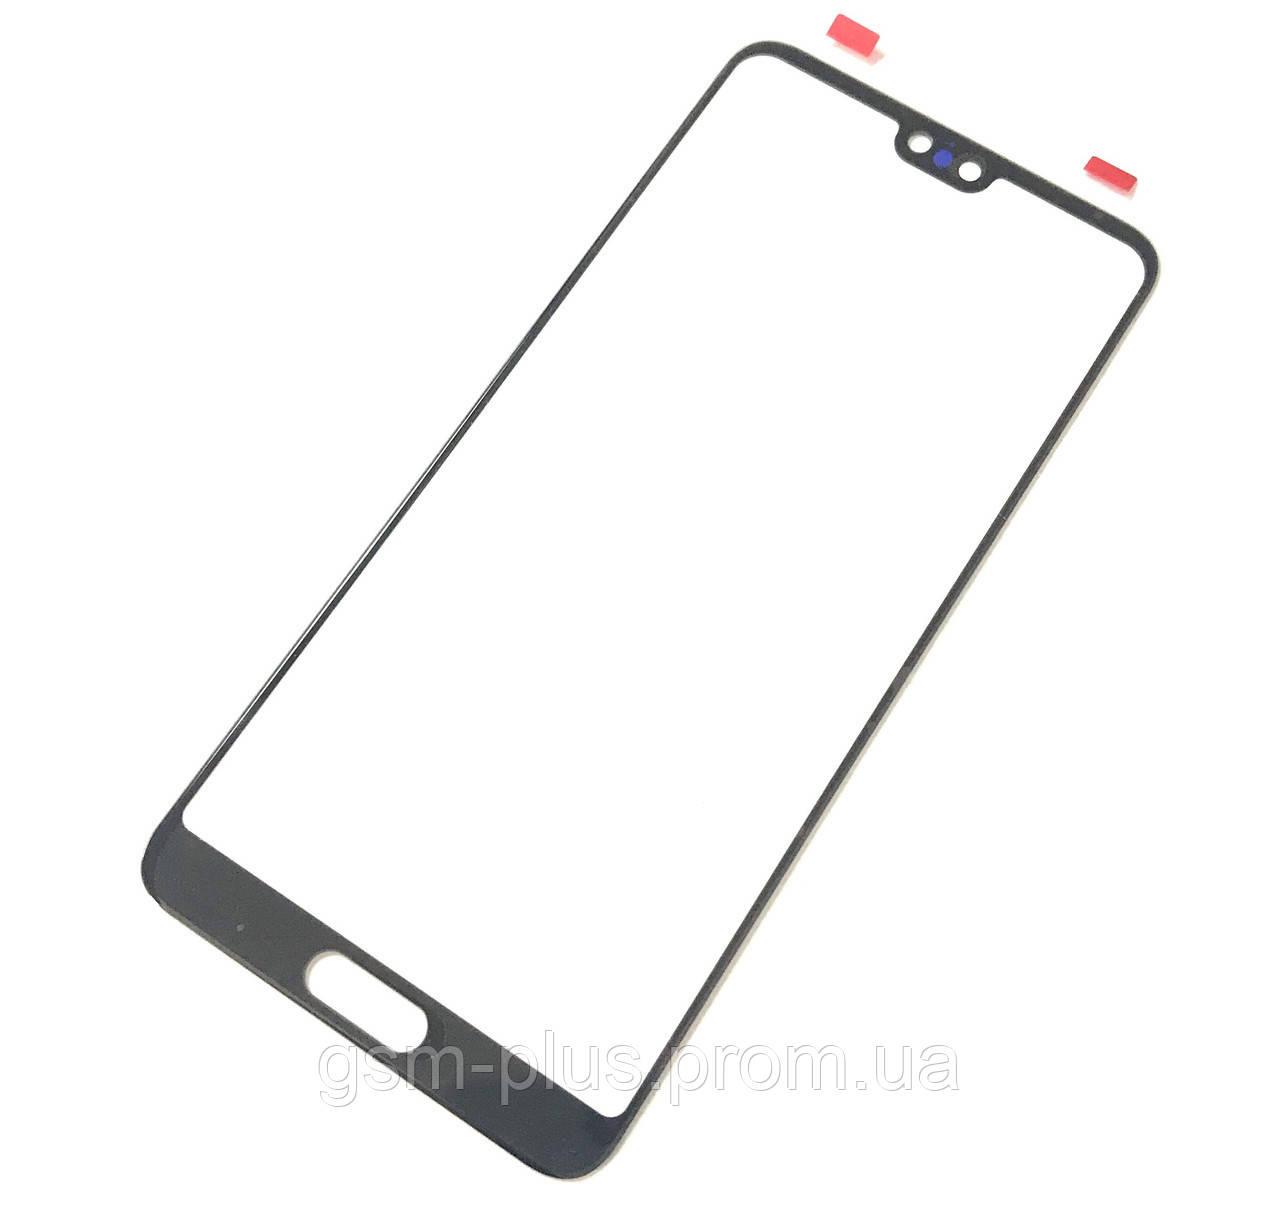 Стекло дисплея Huawei P20 (E ml-L09) Black (для переклейки)